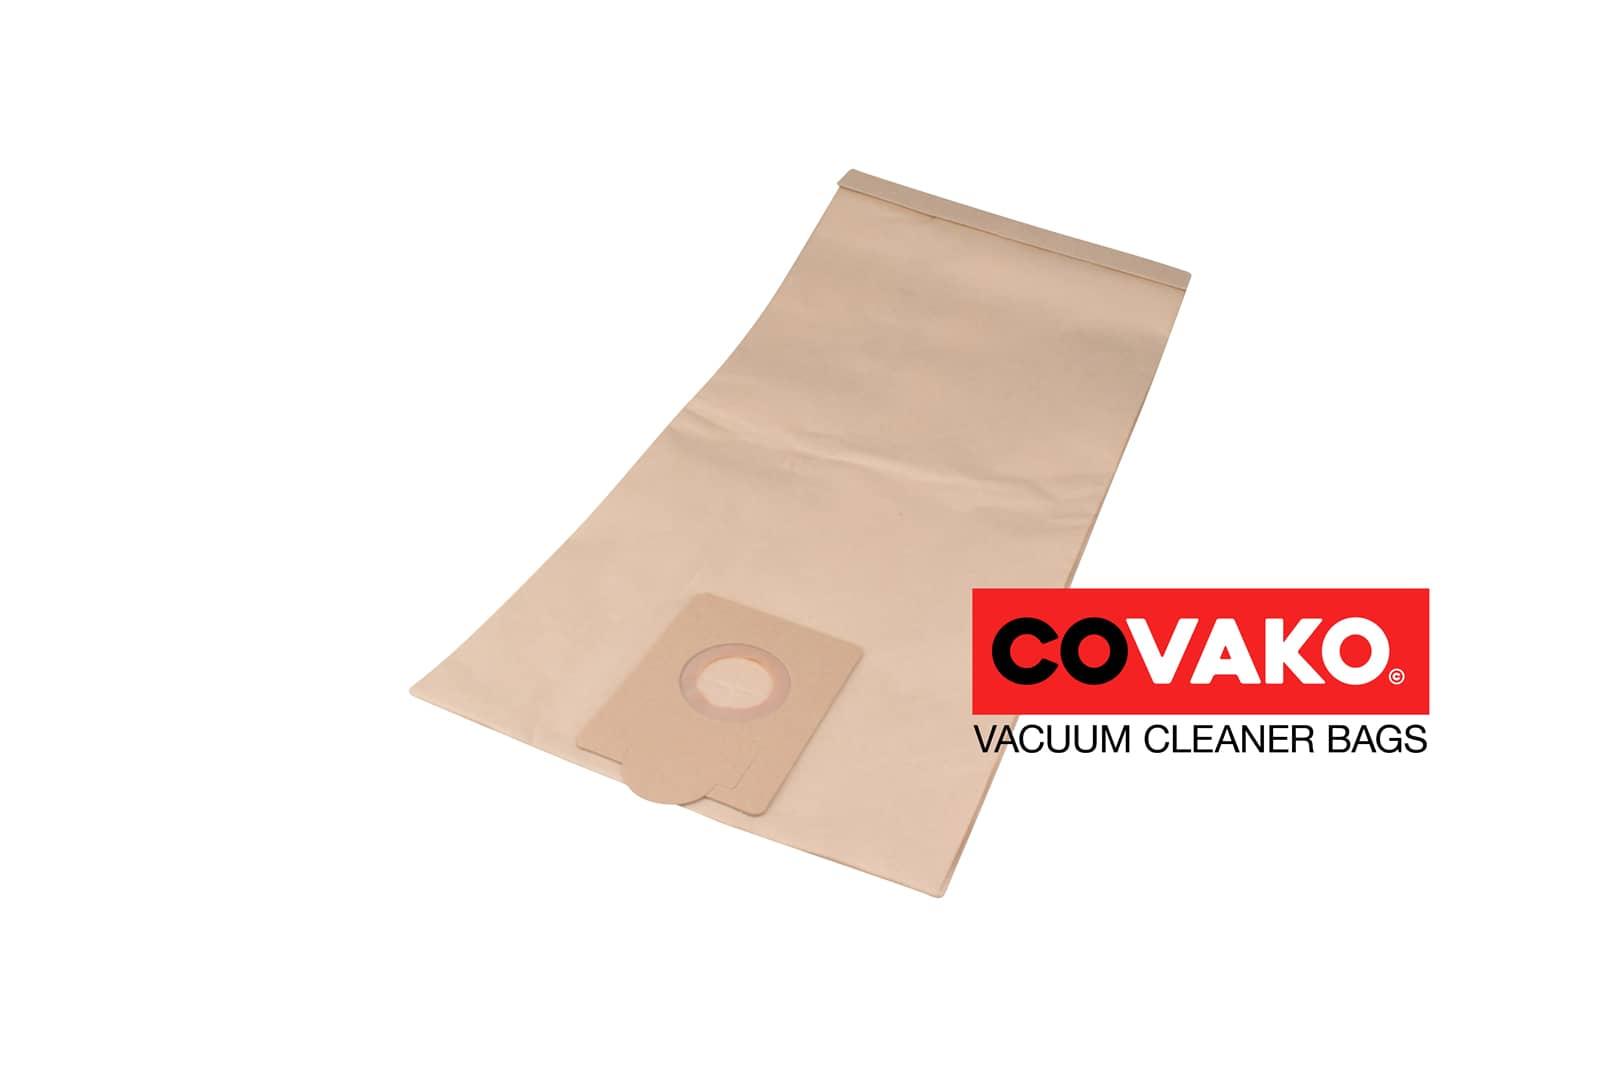 Hako Supervac 290 / Papier - Hako sacs d'aspirateur